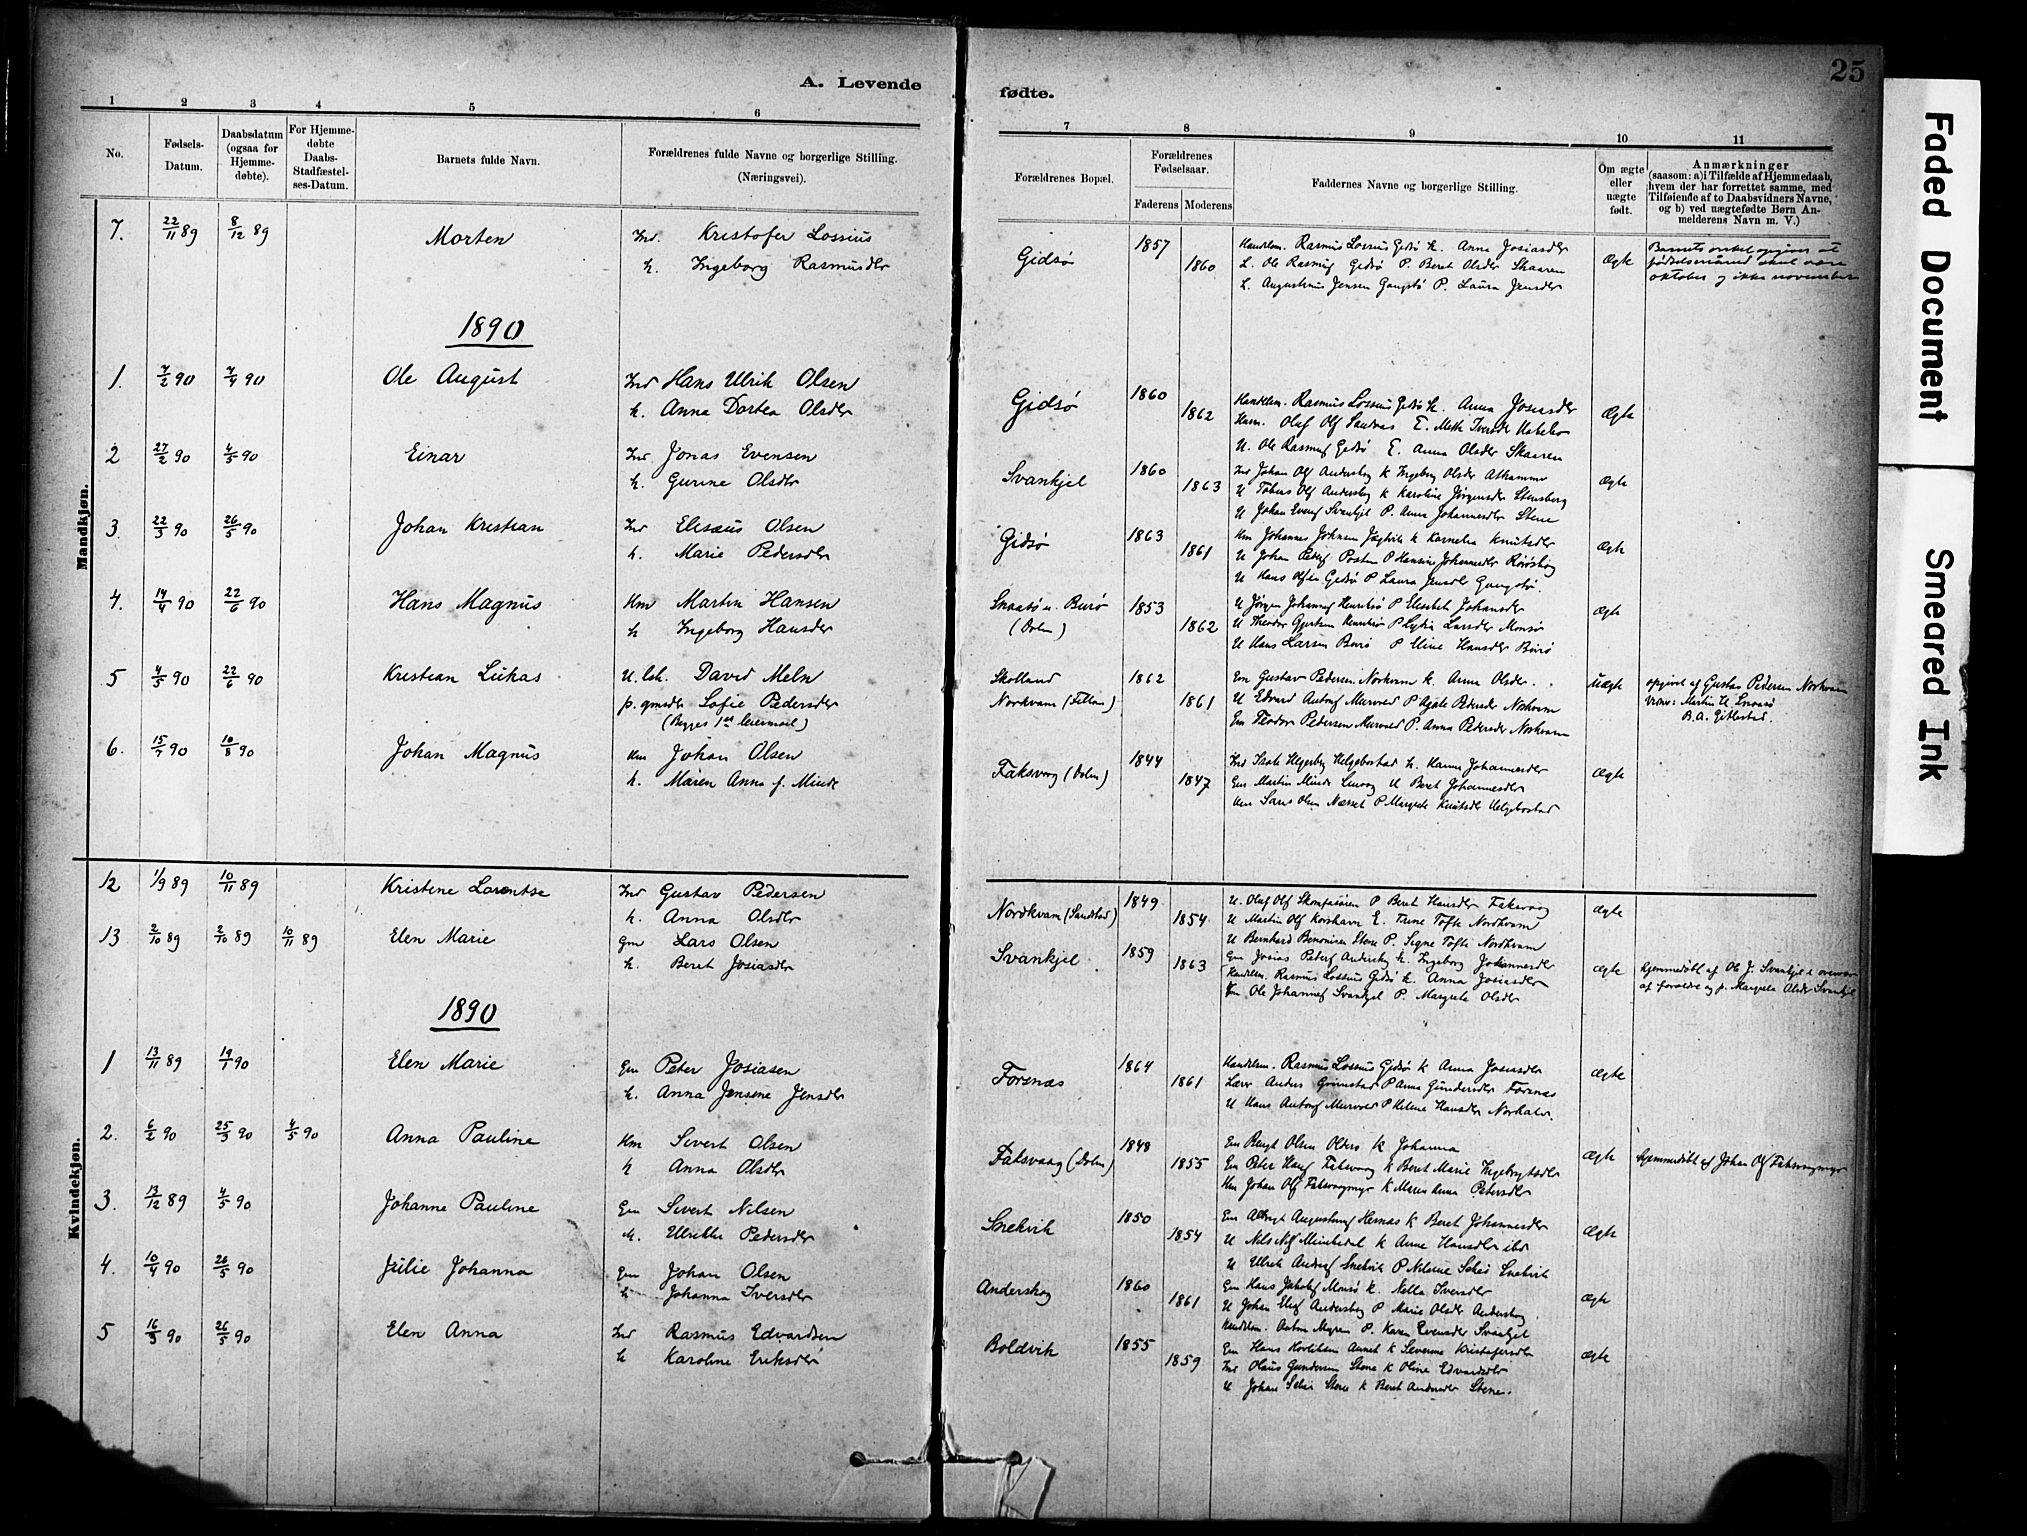 SAT, Ministerialprotokoller, klokkerbøker og fødselsregistre - Sør-Trøndelag, 635/L0551: Ministerialbok nr. 635A01, 1882-1899, s. 25